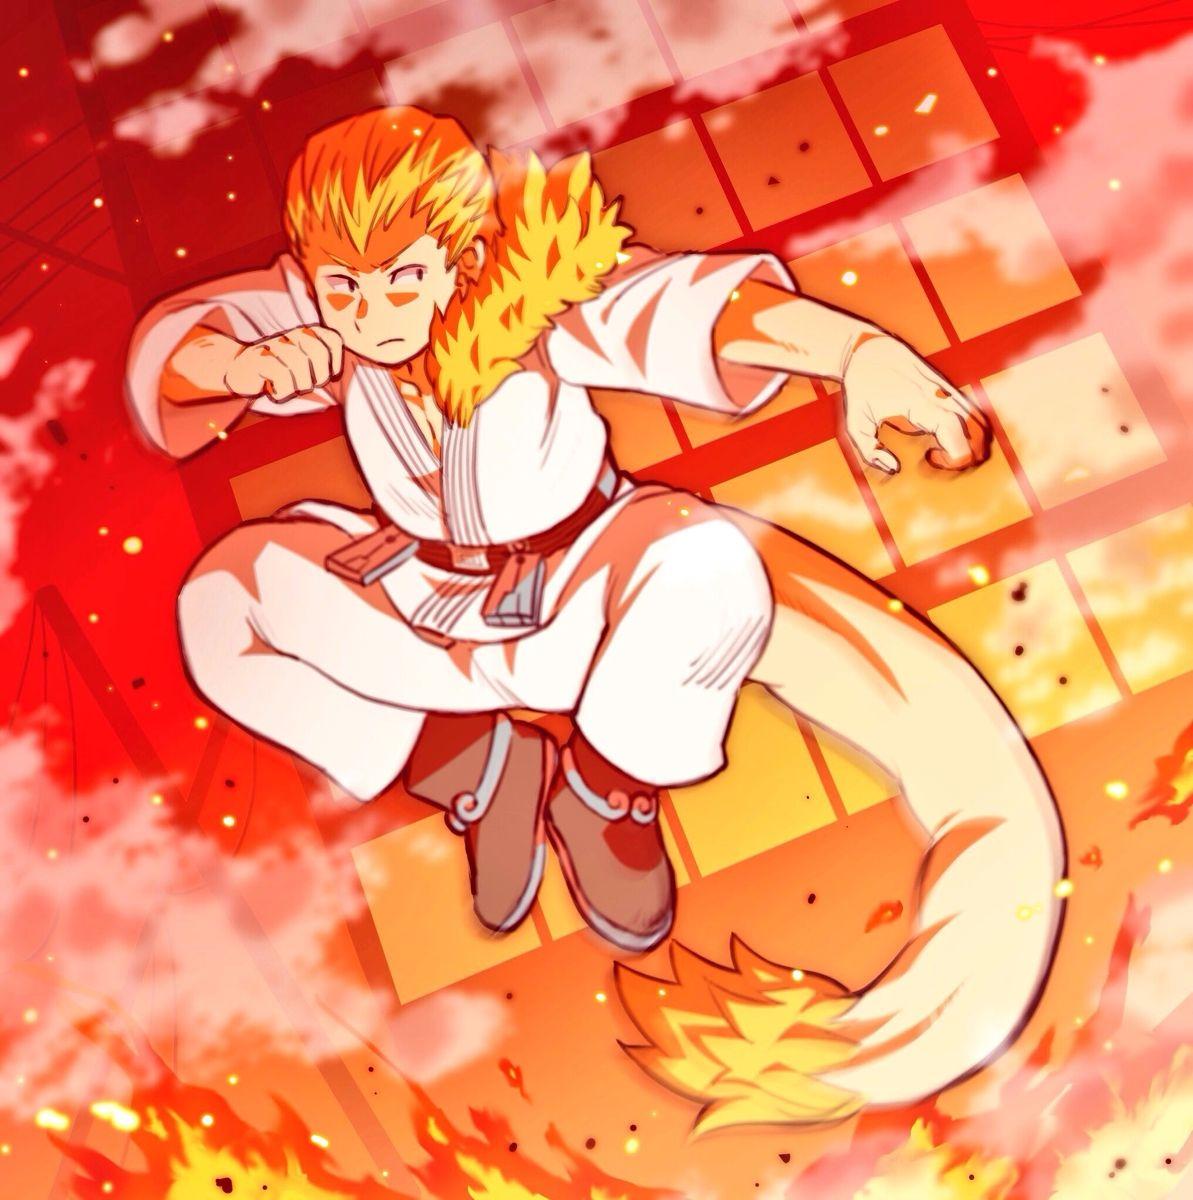 Boku No Hero Academia Mashirao Ojiro My Hero Hero Anime